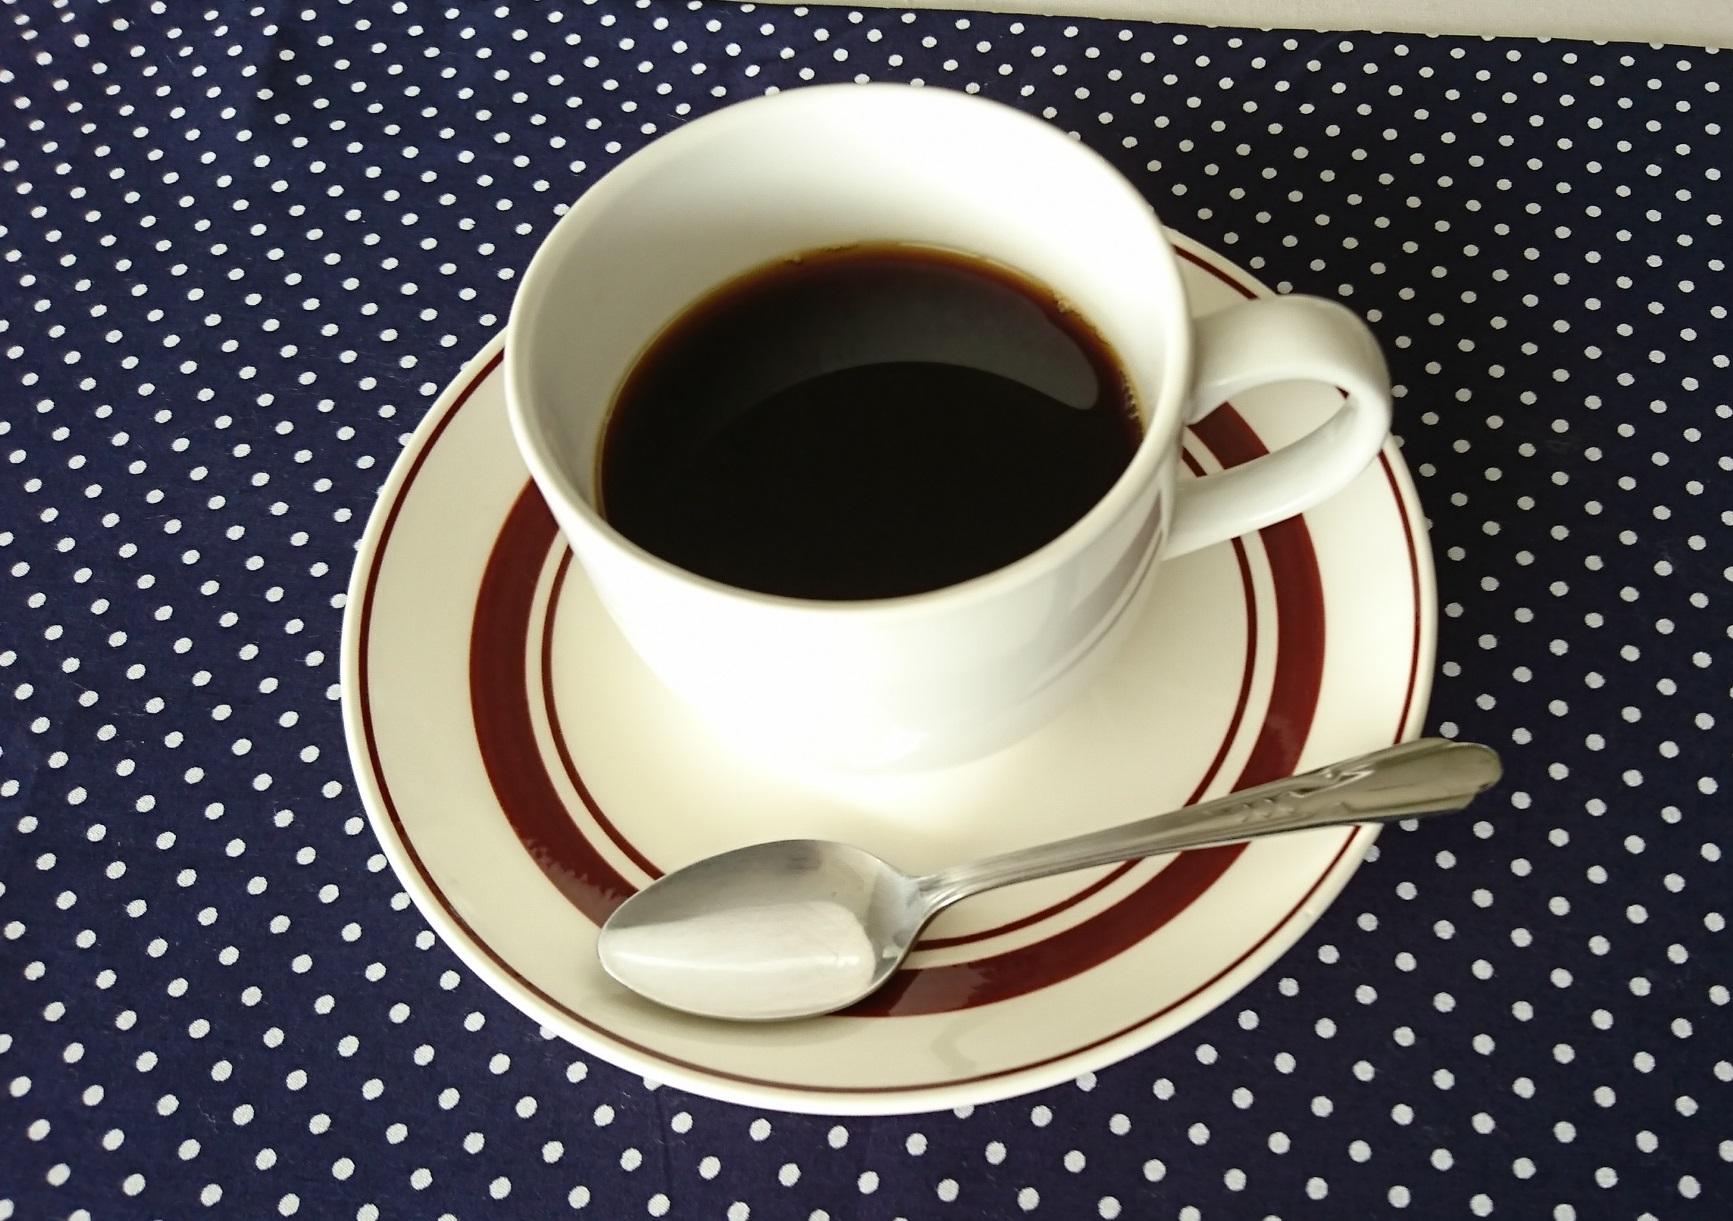 長寿健康増進事業「オリジナルコーヒーを作ろう」